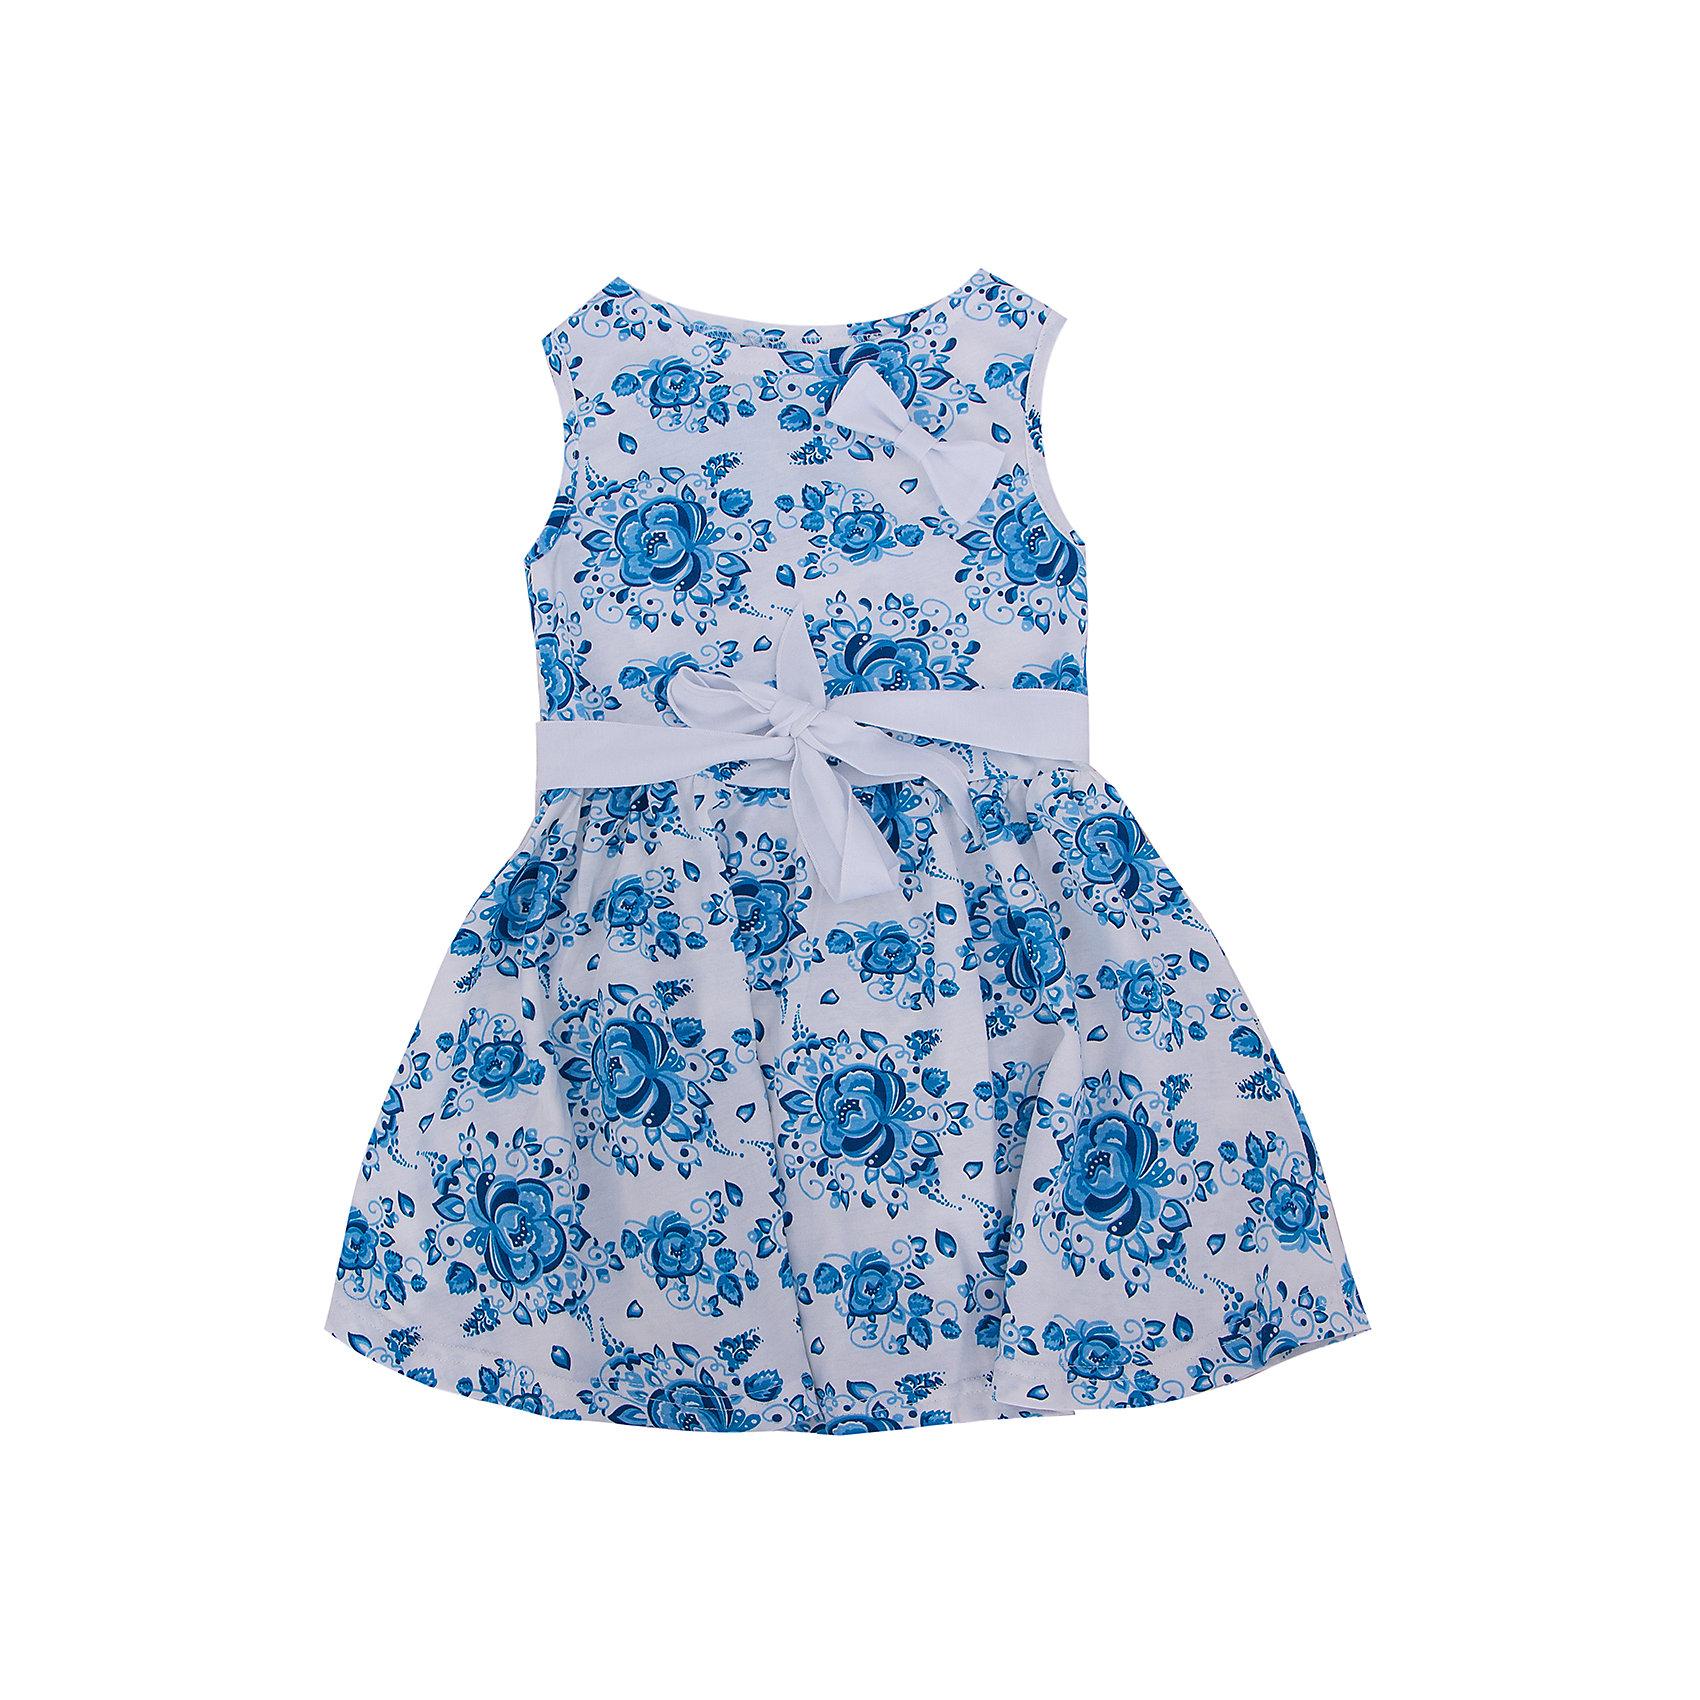 Платье для девочки АпрельПлатье Апрель<br>Легкое летнее платье с поясом приведет в восторг юных модниц. Платье изготовлено из тонкого прочного хлопкового трикотажного полотна - кулир. Детская одежда из кулира отлично пропускает воздух, что идеально подходит для жаркого и знойного лета. Приятная на ощупь ткань исключит риск возникновения аллергии или раздражения при соприкосновении с нежной детской кожей. Простота в уходе делает изделие отличным вариантом для повседневного гардероба ребёнка. Дети очень активны и подвижны, а благодаря современным лекалам, используемым при производстве модели, ваше чадо будет свободно двигаться, и принимать активное участие в играх. Новейшее оборудование на производстве обеспечивает надёжность швов и длительный срок службы изделия.<br><br>Дополнительная информация:<br><br>- Сезон: лето<br>- Комплектация: платье, пояс с бантом<br>- Цвет: гжель бирюза, белый<br>- Без рукавов<br>- Без застежек<br>- Длина юбки: мини<br>- Без карманов<br>- По назначению: повседневный стиль<br>- Ткань: кулир<br>- Состав: 100 % хлопок<br><br>Платье Апрель можно купить в нашем интернет-магазине.<br><br>Ширина мм: 236<br>Глубина мм: 16<br>Высота мм: 184<br>Вес г: 177<br>Цвет: бирюзовый<br>Возраст от месяцев: 36<br>Возраст до месяцев: 48<br>Пол: Женский<br>Возраст: Детский<br>Размер: 104,98<br>SKU: 4726453